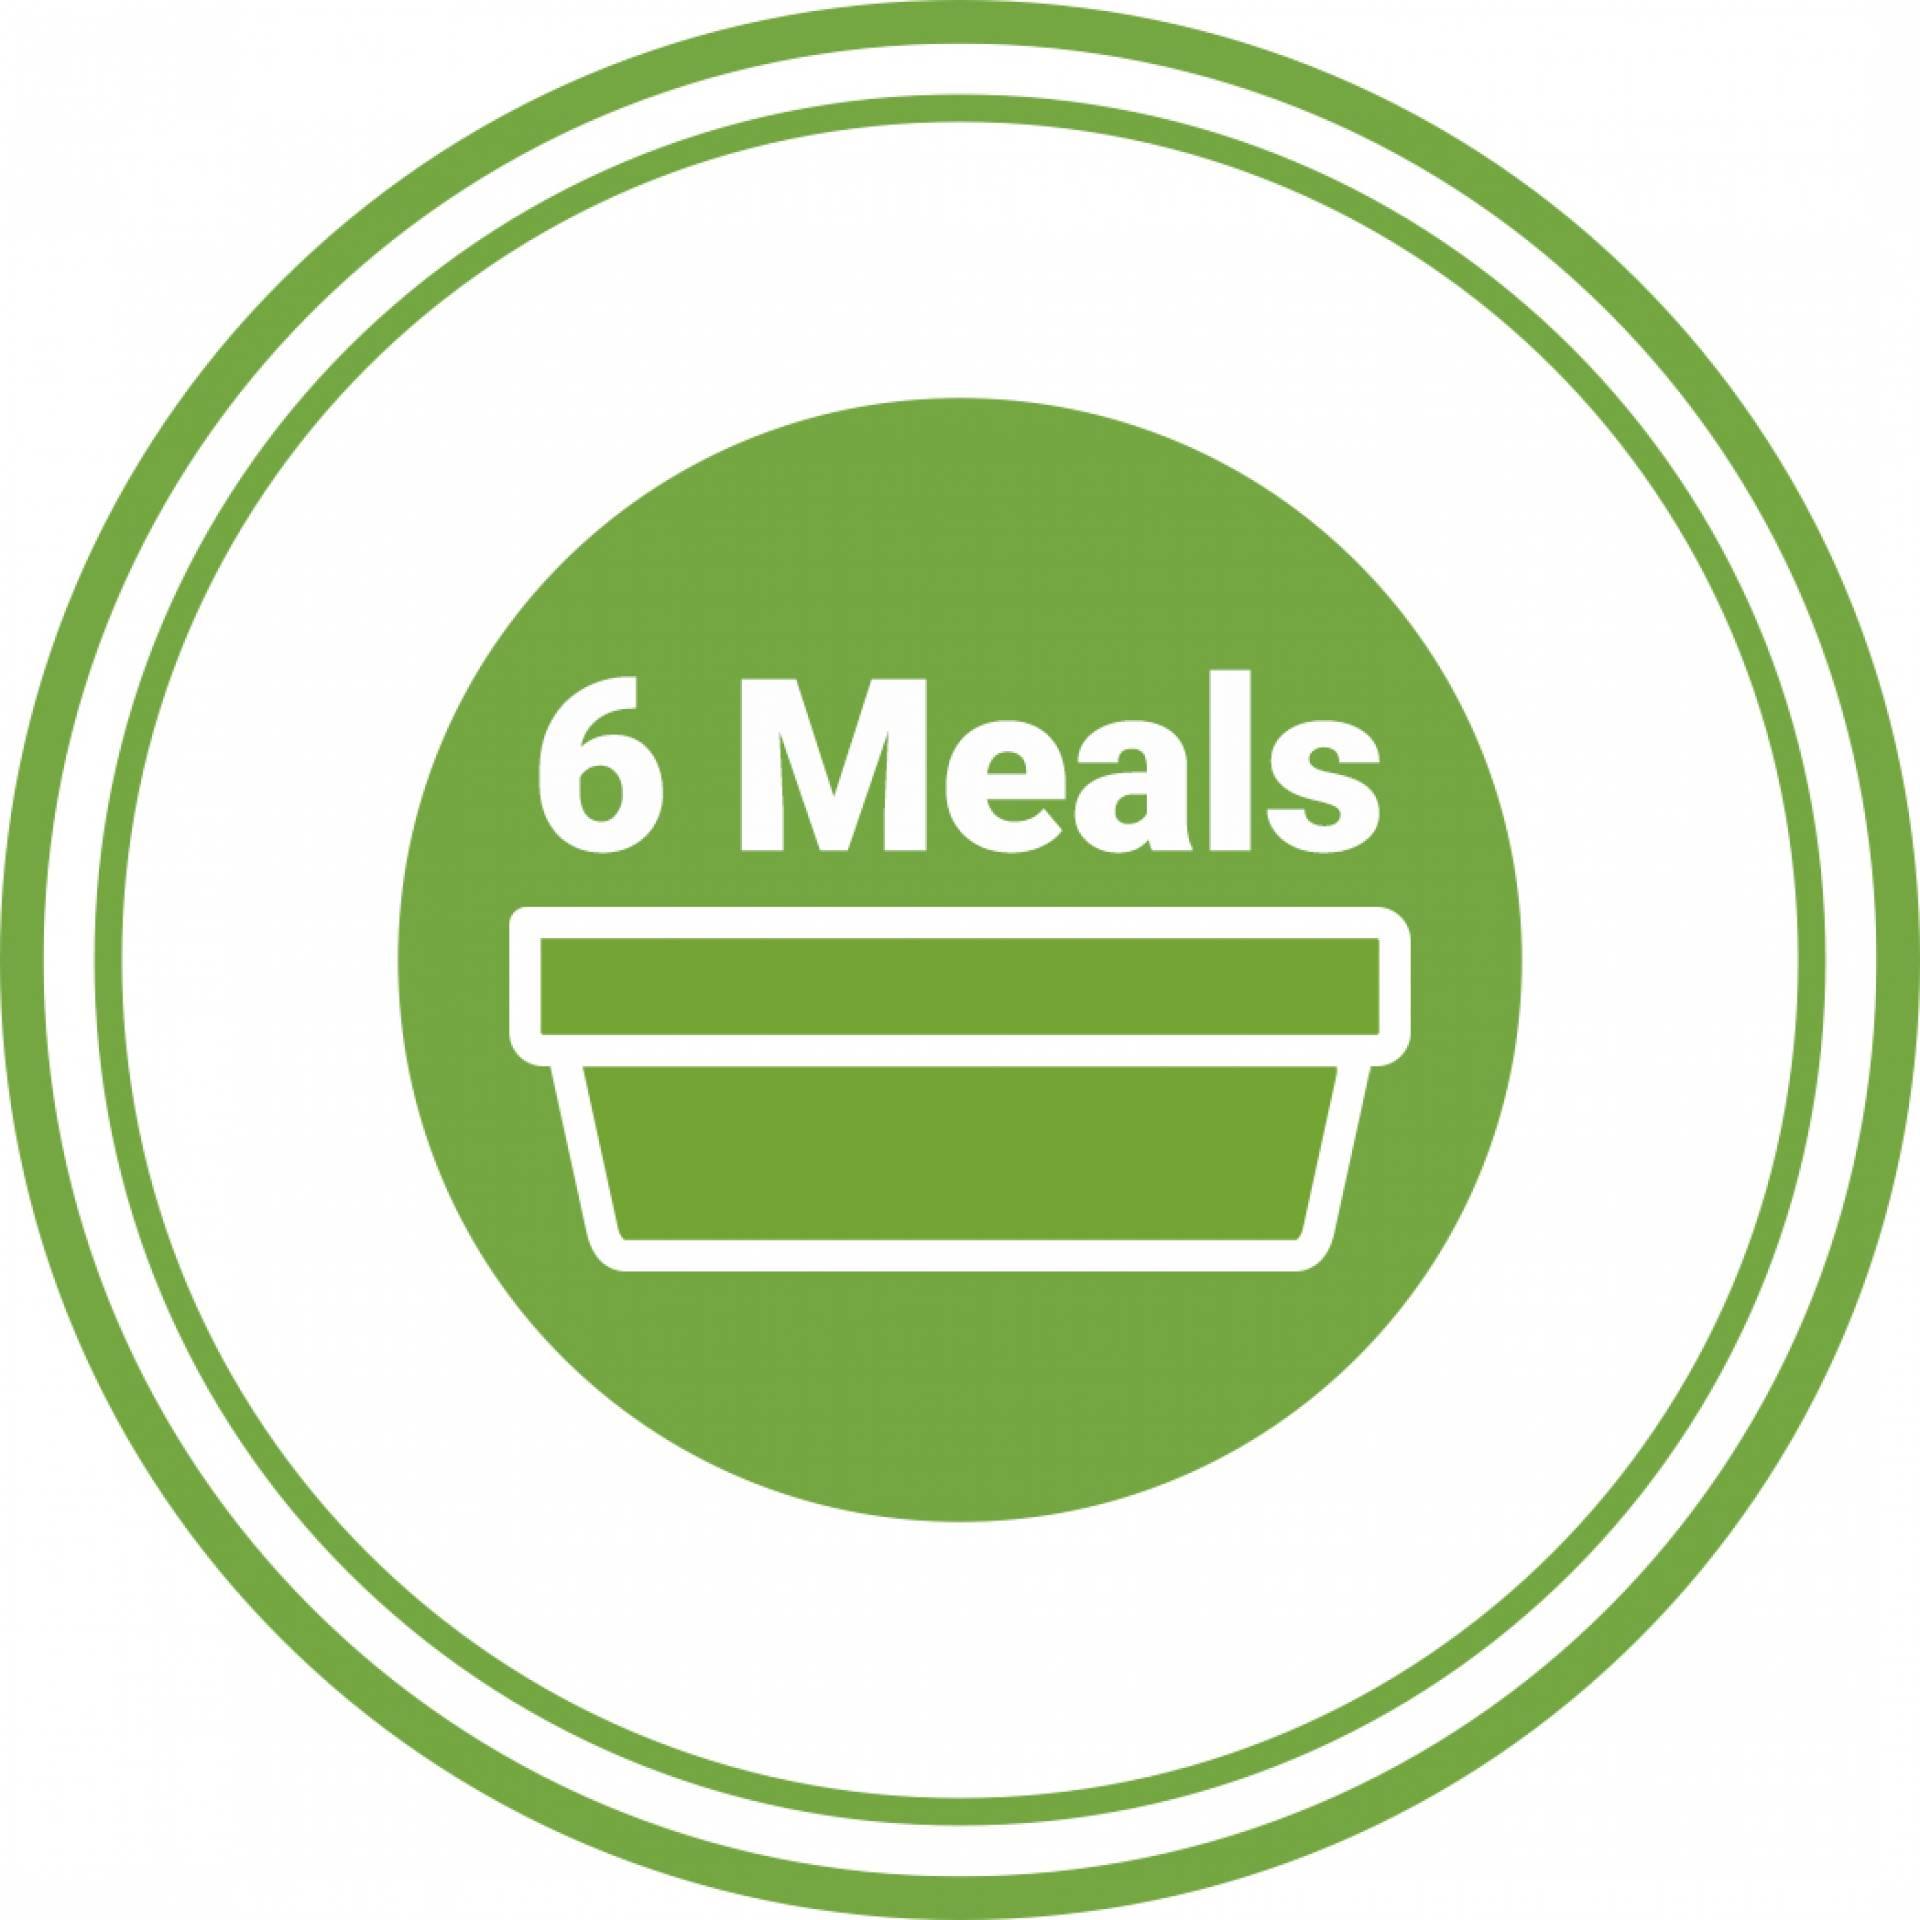 6 Meals